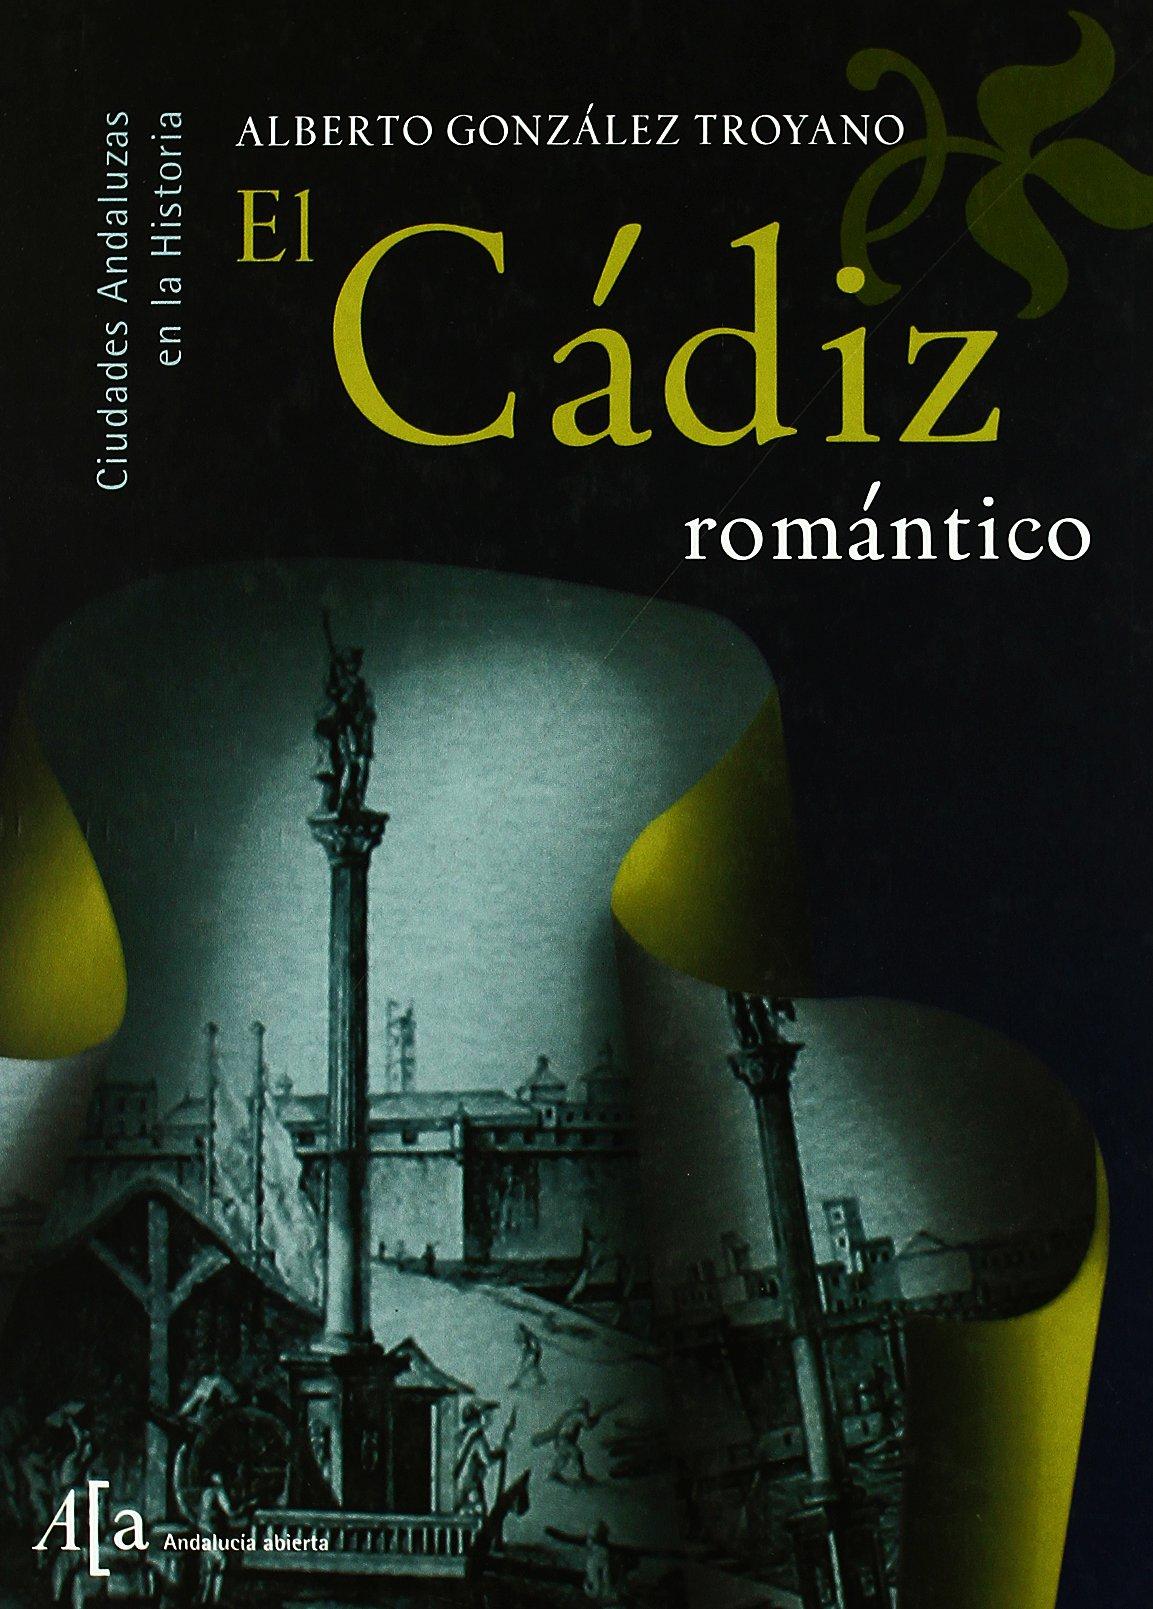 Cádiz romantico, el: Amazon.es: Gonzalez Troyano, Alberto: Libros